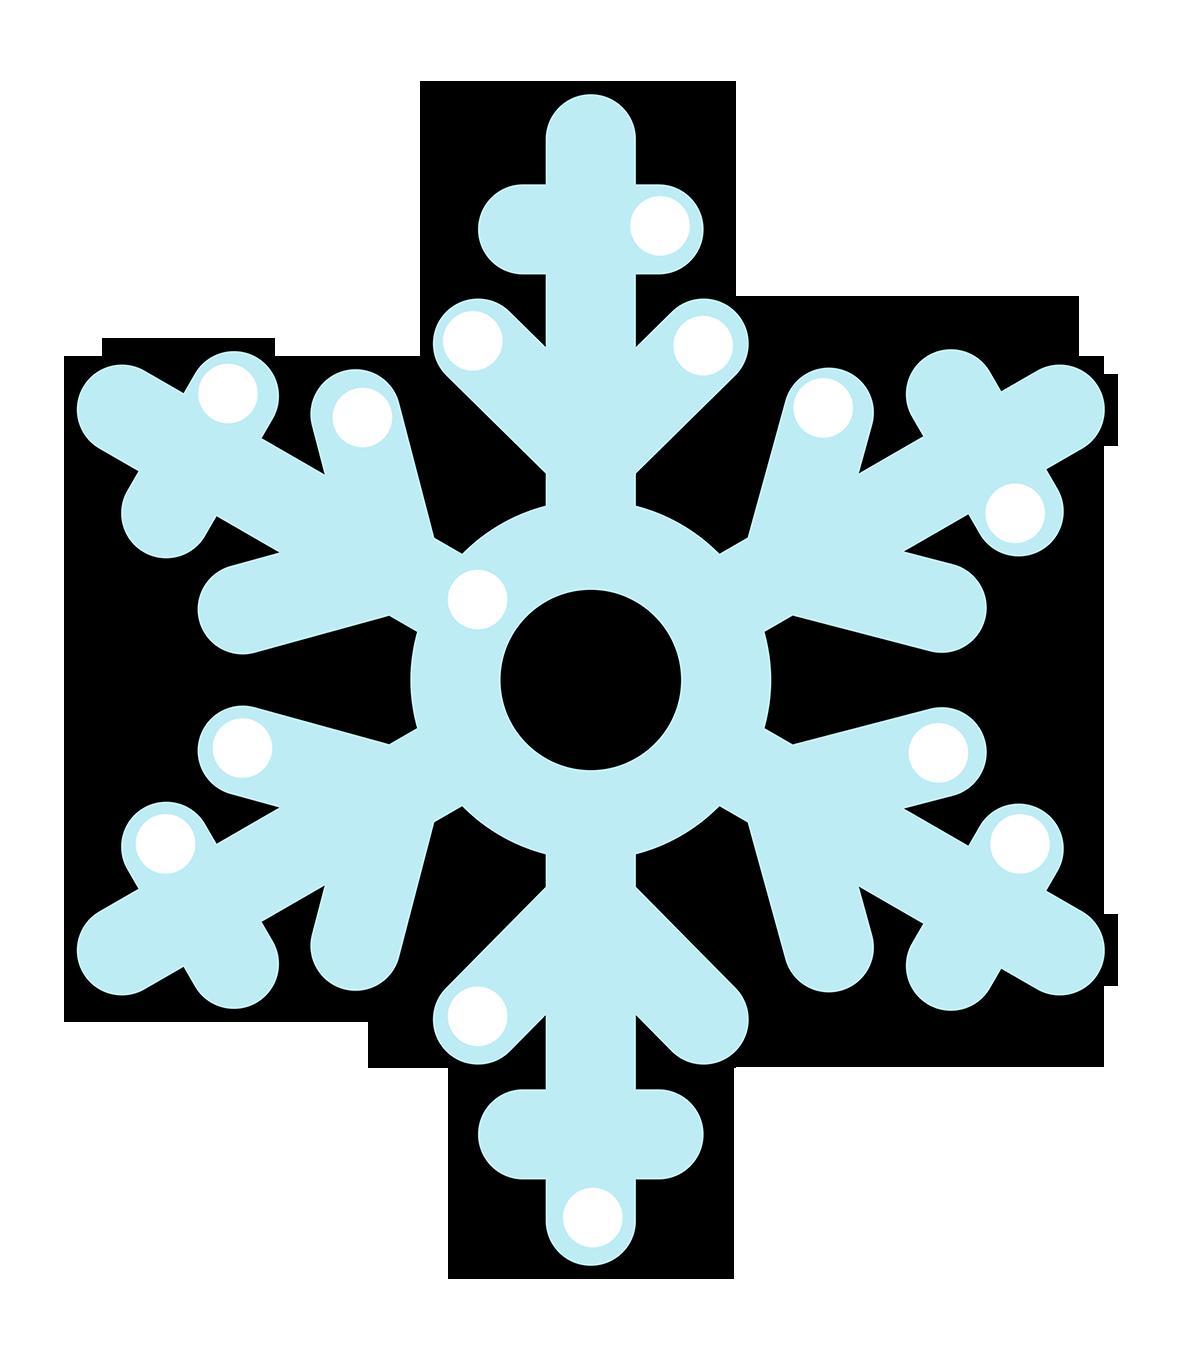 Free Cartoon Snowflake Clip A - Snow Flakes Clipart